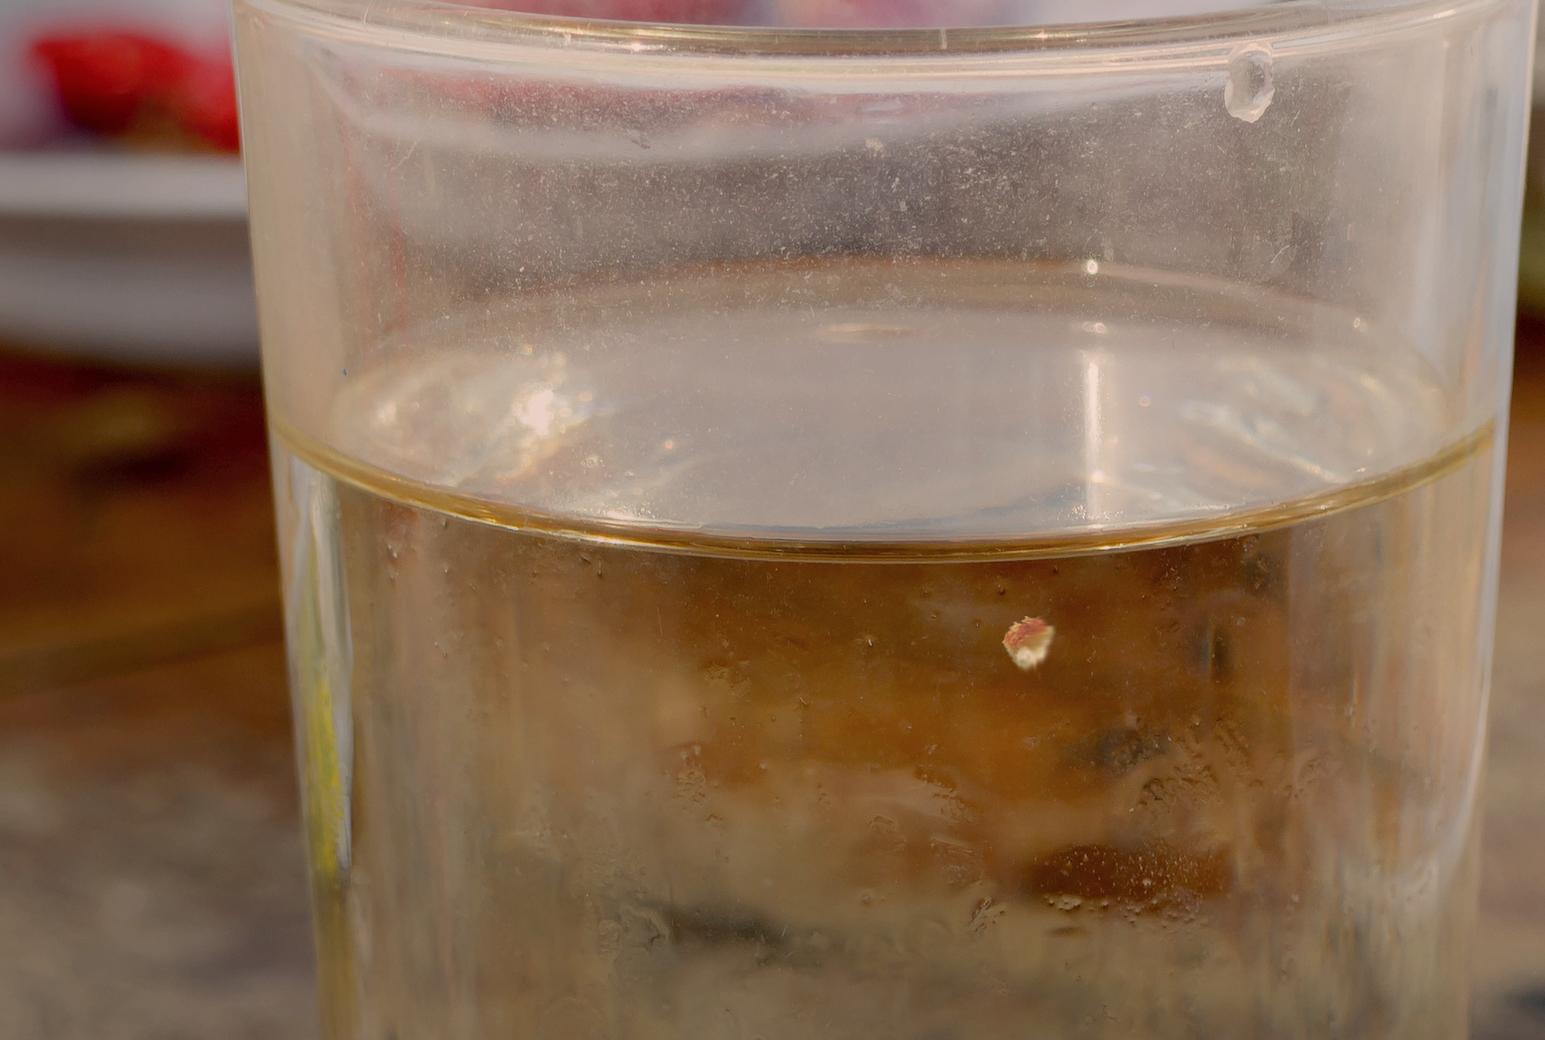 Pequeña miga de pan flotando echa a perder todo un vaso de agua